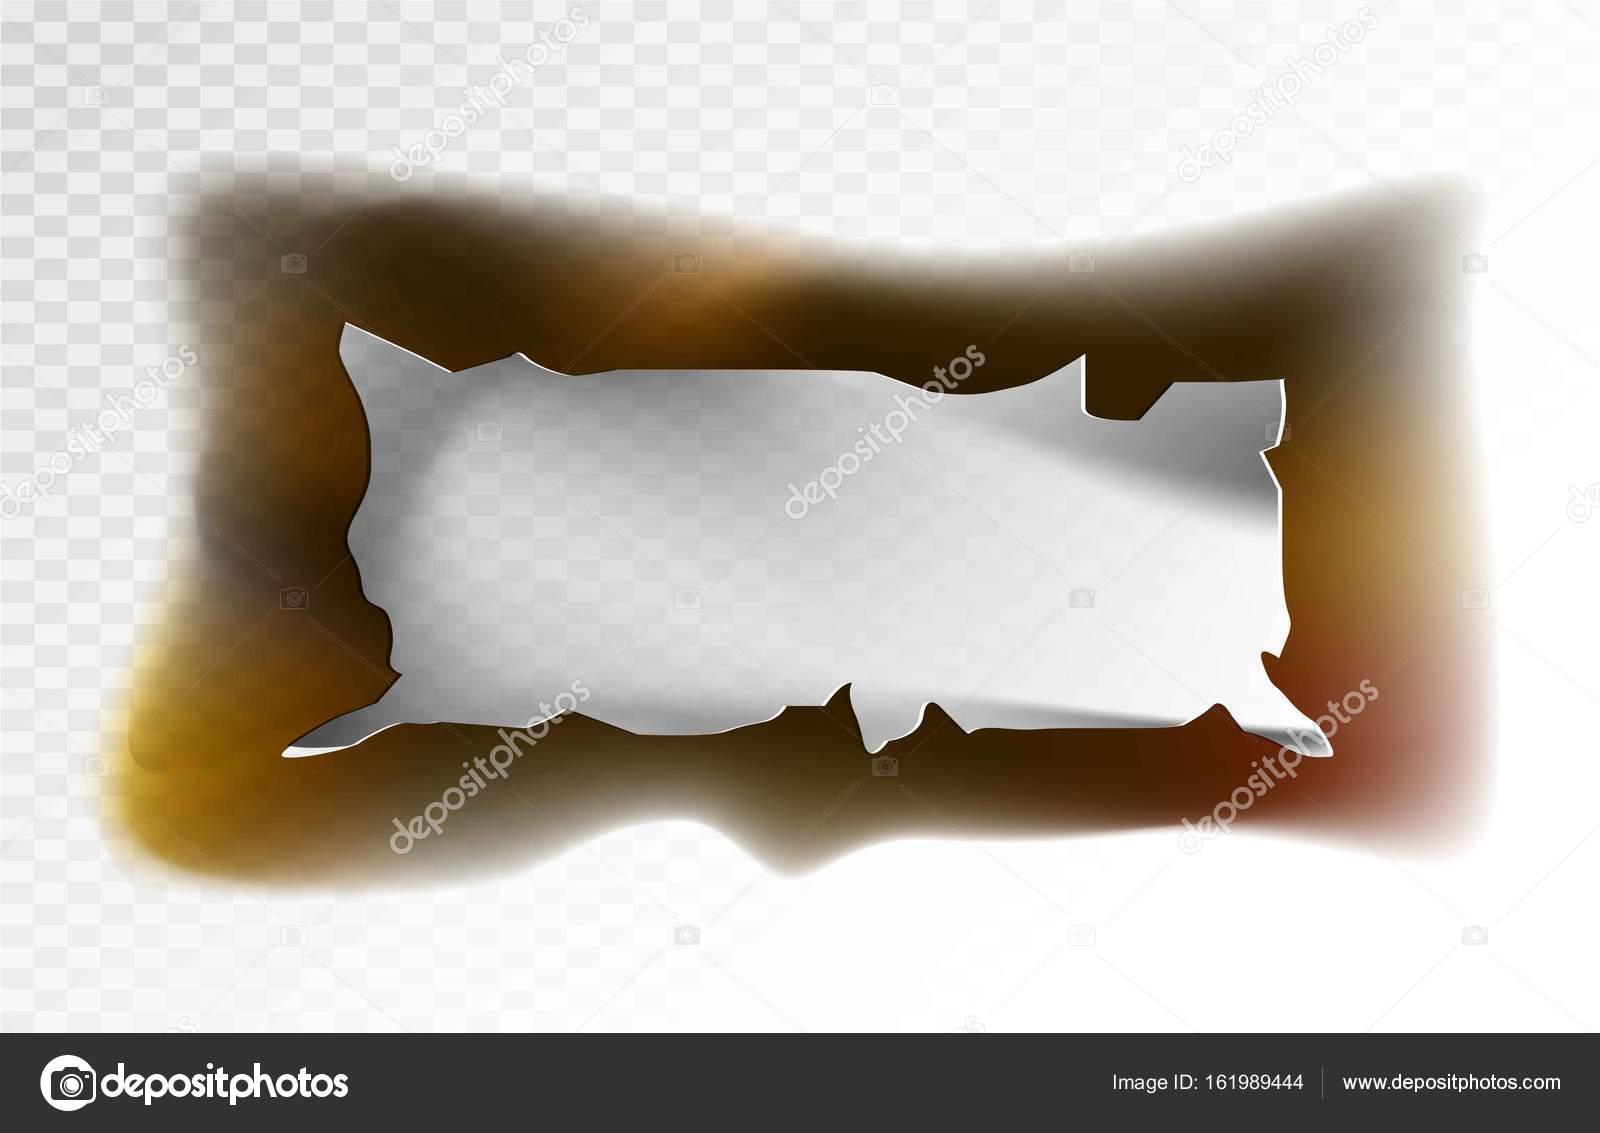 抽象的な焦げた穴テクスチャ ストックベクター Sonulkaster 161989444